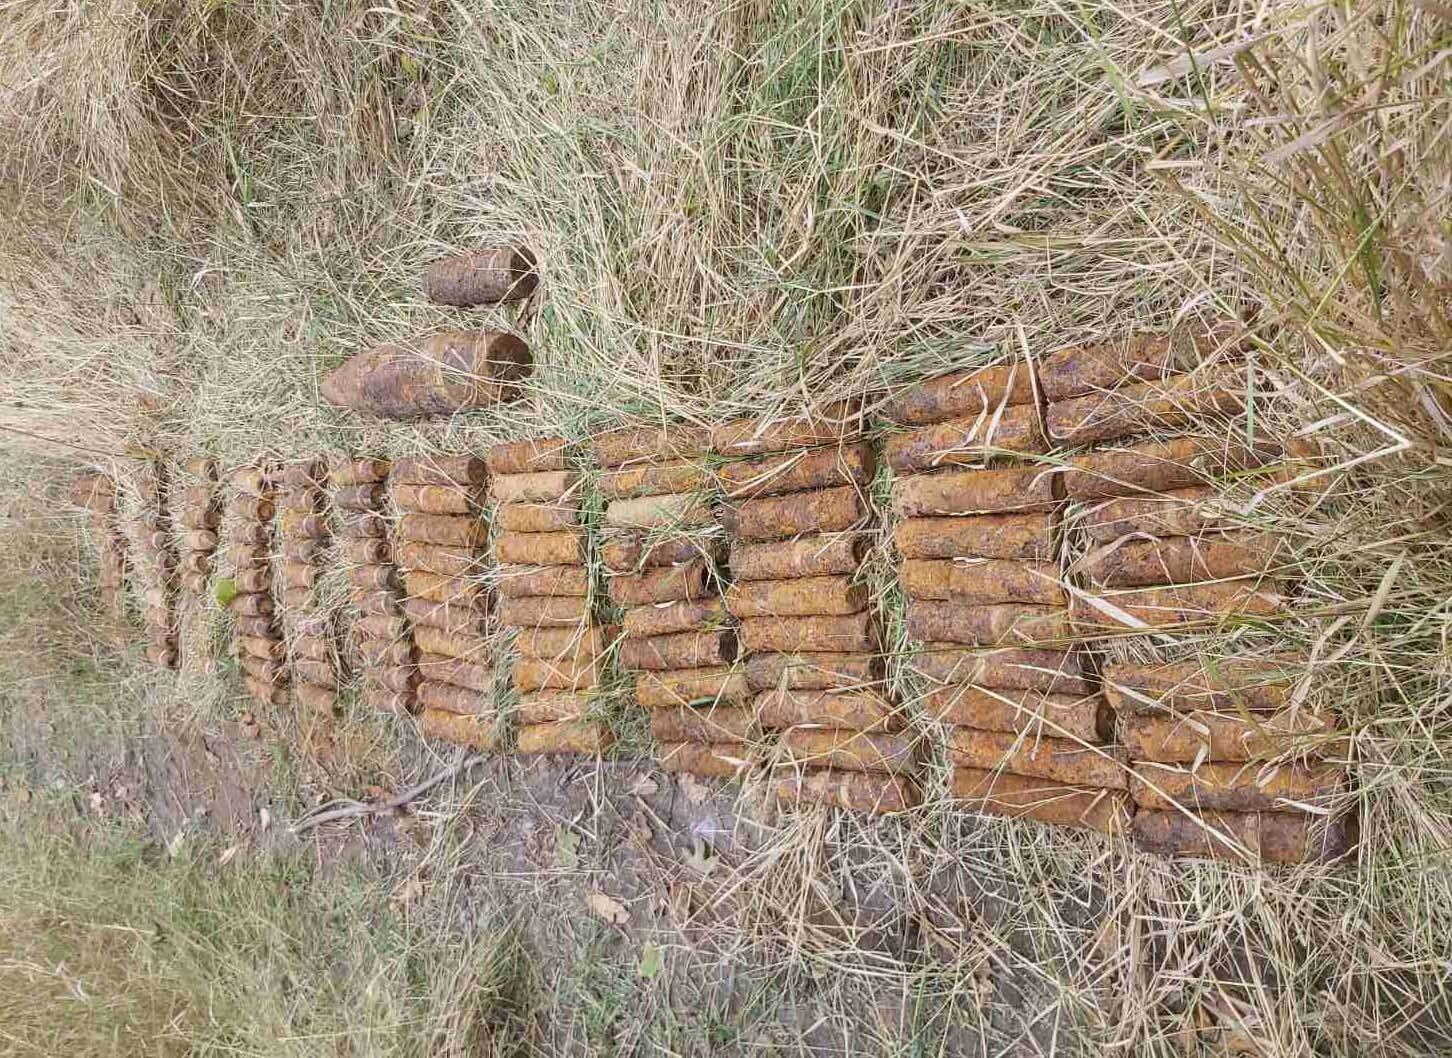 """""""Вибухова"""" знахідка: на Київщині виявили та знищили 124 артилерійські снаряди - Таращанський район, ДСНС, артилерійські снаряди - 0d75e8b V"""